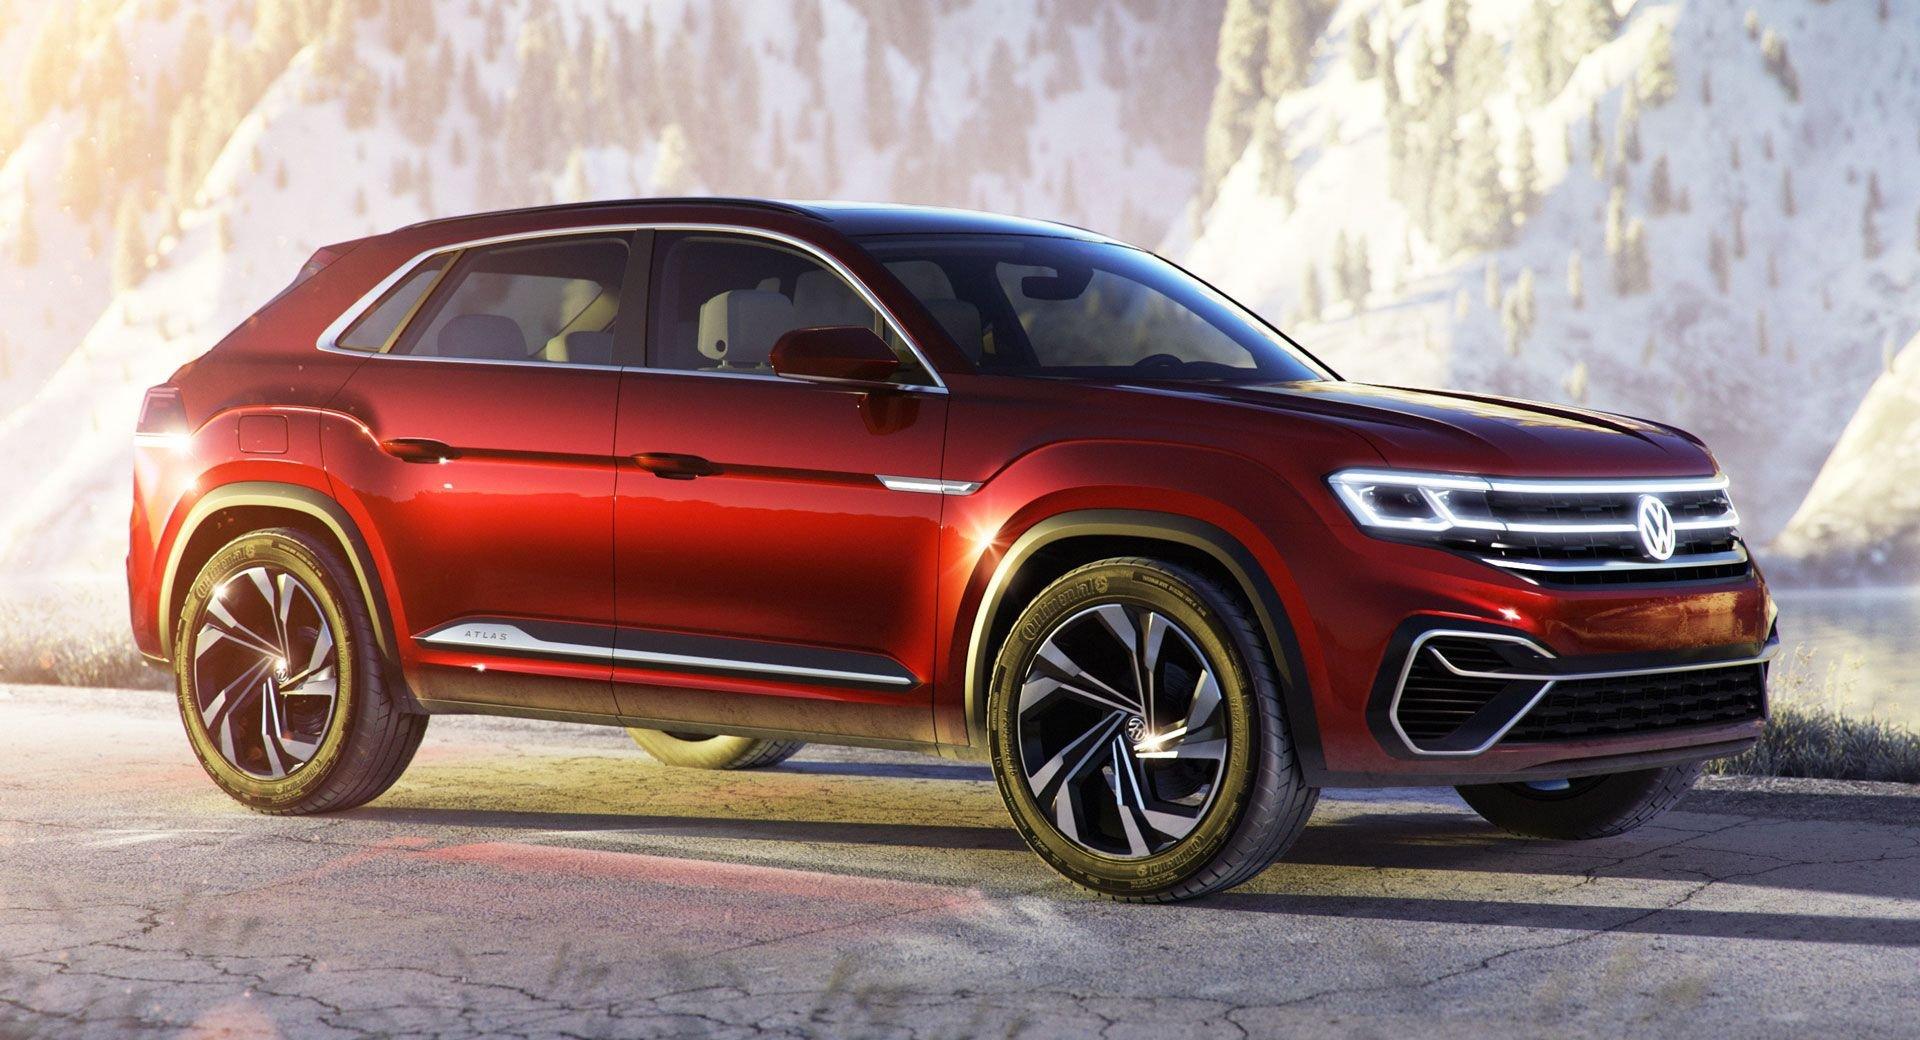 На фото представили конкурента BMW X6 от Volkswagen